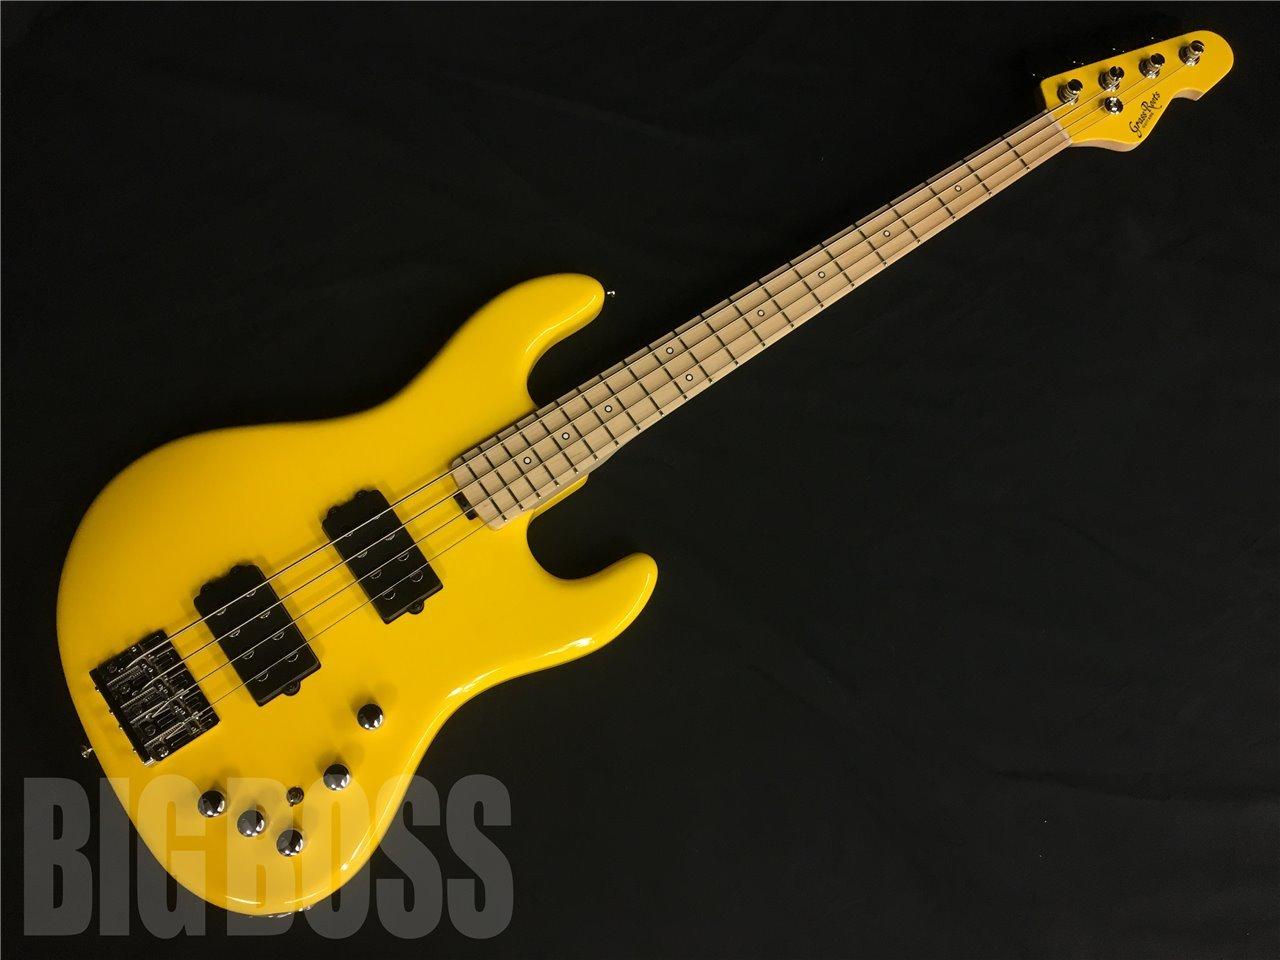 【即納可能】【WANIMA KENTA Model】GrassRoots G-助平 Yellow(Right Hand Model)